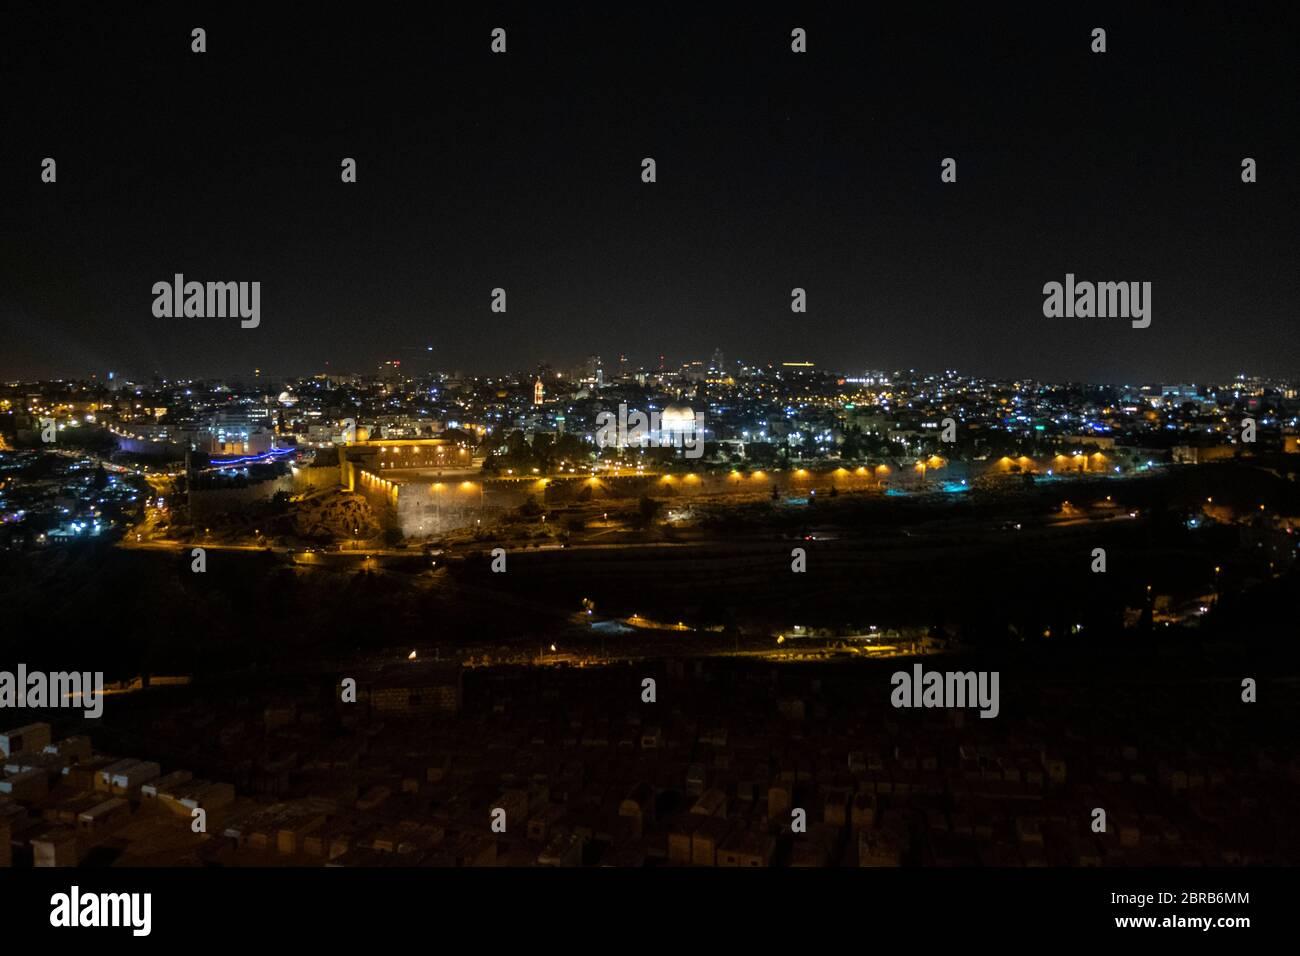 Vue de nuit du Mont des oliviers vers le Dôme du Rocher et la Mosquée Al-Aksa construite au sommet du Mont du Temple, connue sous le nom de la Compound Al Aqsa ou Haram al-Sharif dans la vieille ville Jérusalem-est Israël Banque D'Images